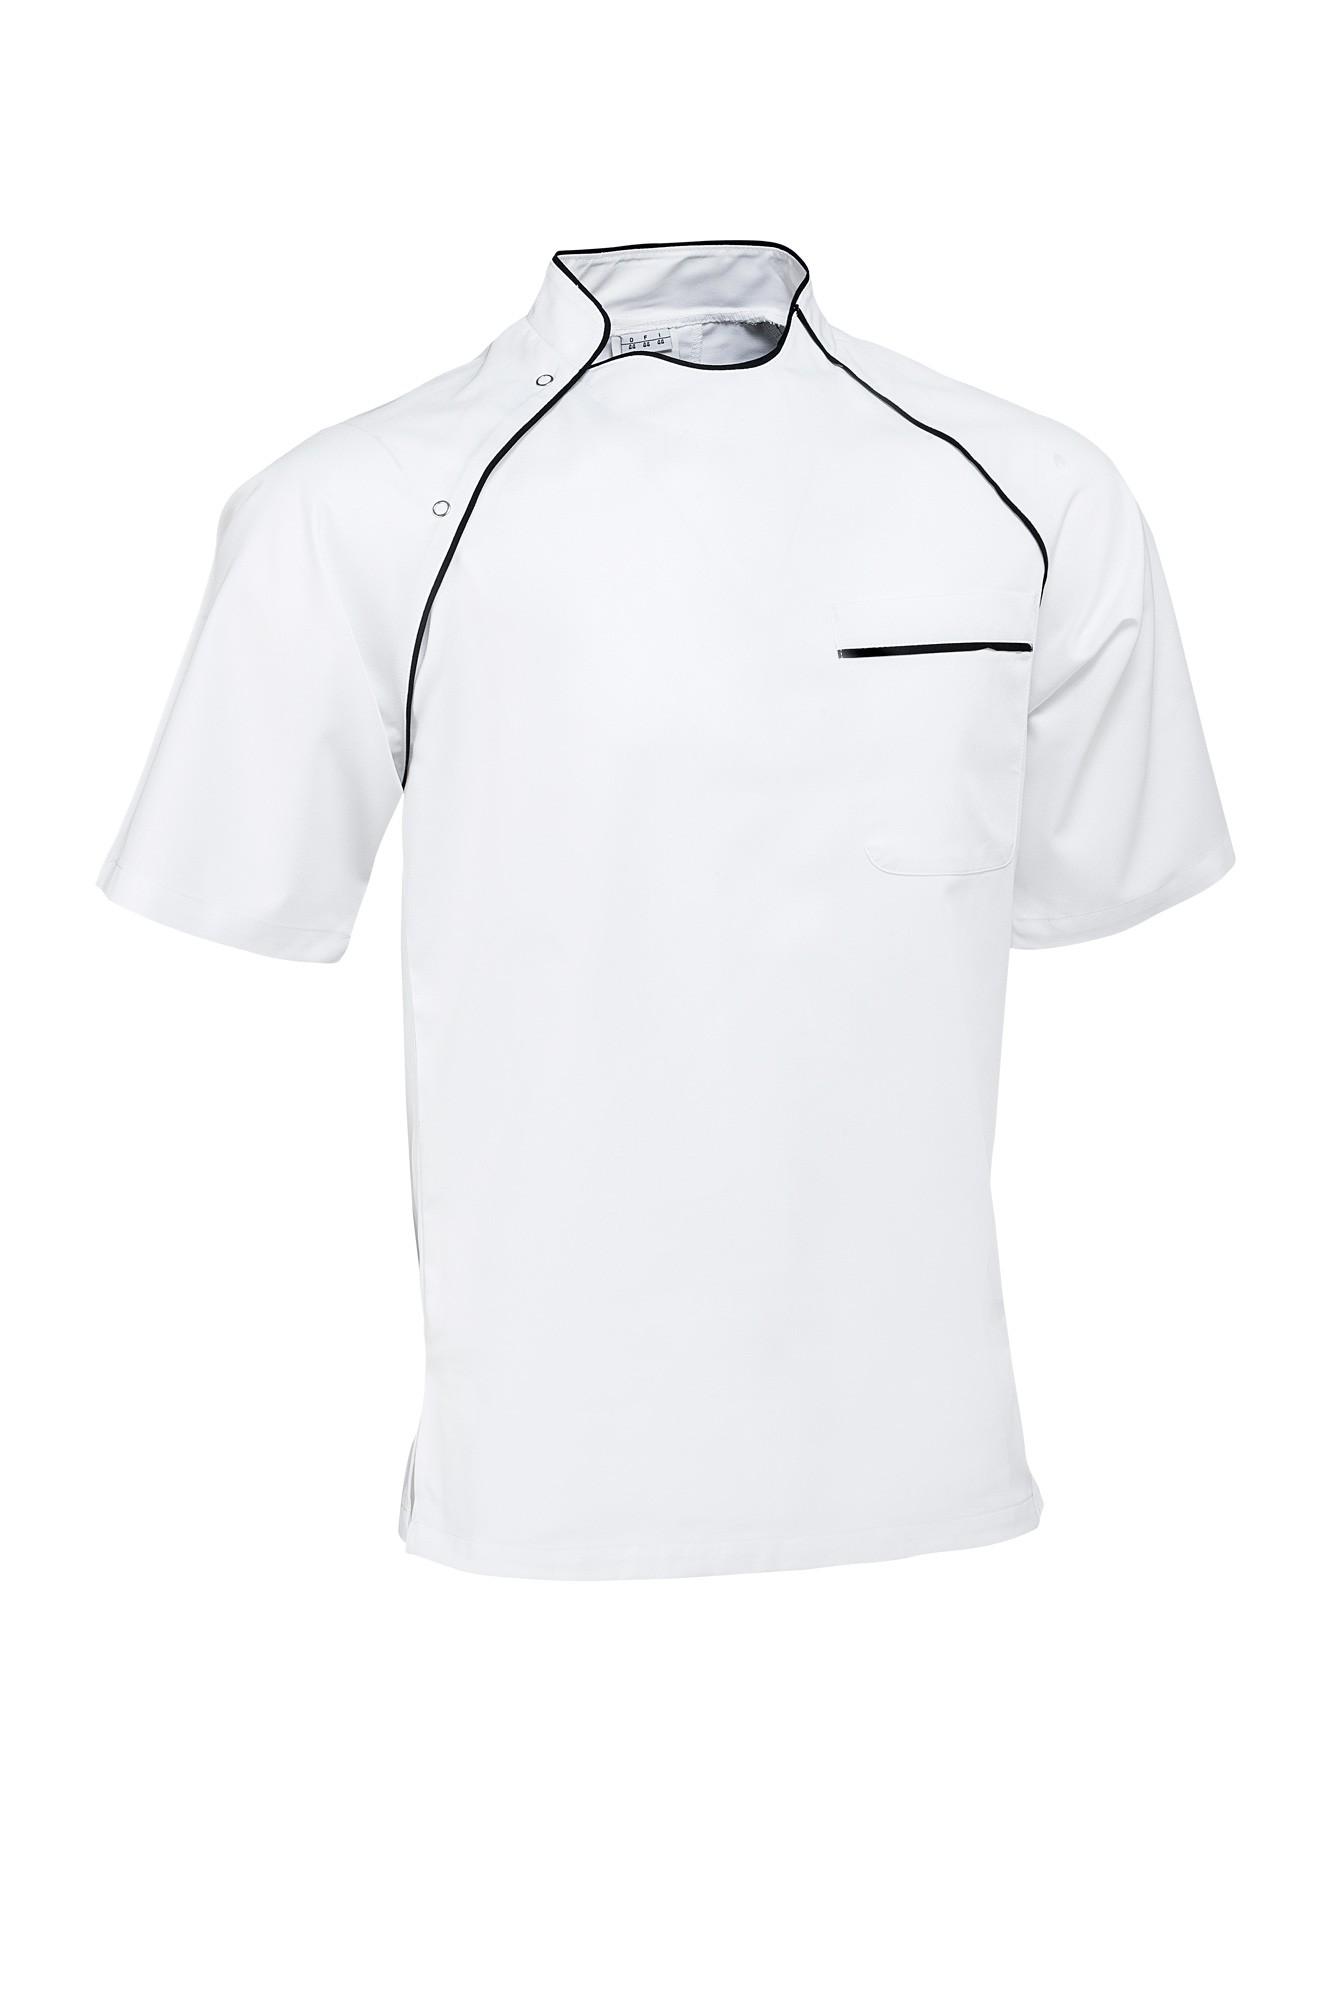 Rondon Pirlo - krátký rukáv - bílá/lemování černé